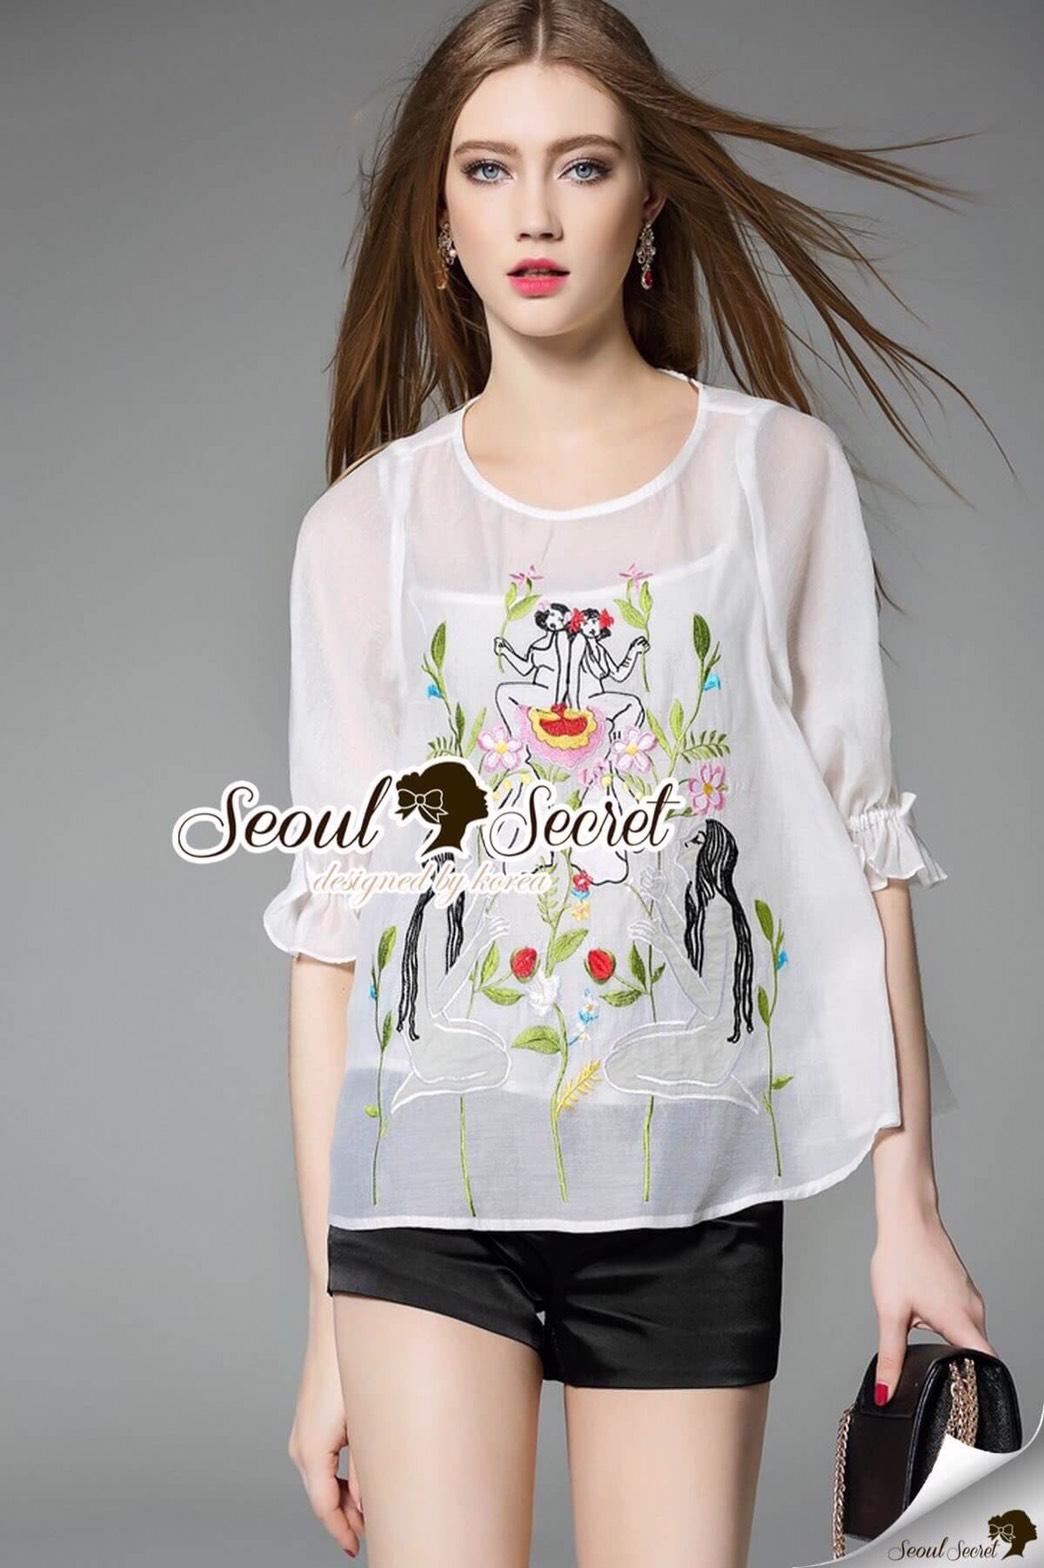 Seoul Secret Say's .... Whity Ladiest Stick Bow Sleeve B;ouse Material : เสื้อใส่สบายๆ มีดีเทลเก๋ๆ ด้วยงานปักแต่งเป็นลาย Woman&Forest นะคะ ลายสวยดูคลาสสิคๆ ทรงเสื้อสวยด้วยทรงเสื้อตัวปล่อยๆ ช่วงแขนจับยางสม๊อค เนื้อผ้าคอตตอนเนื้อสวย แมตซ์กับอะไรก็ดูดีน